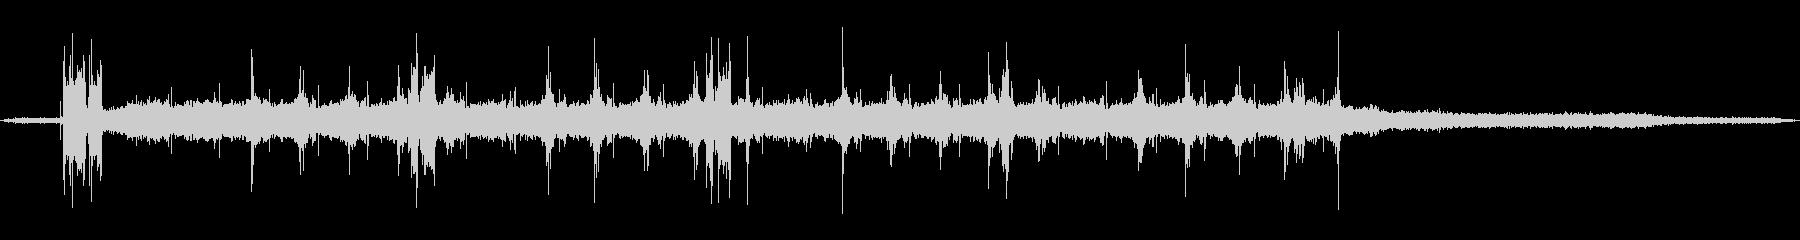 MED:4つのオリジナル、それぞれ...の未再生の波形